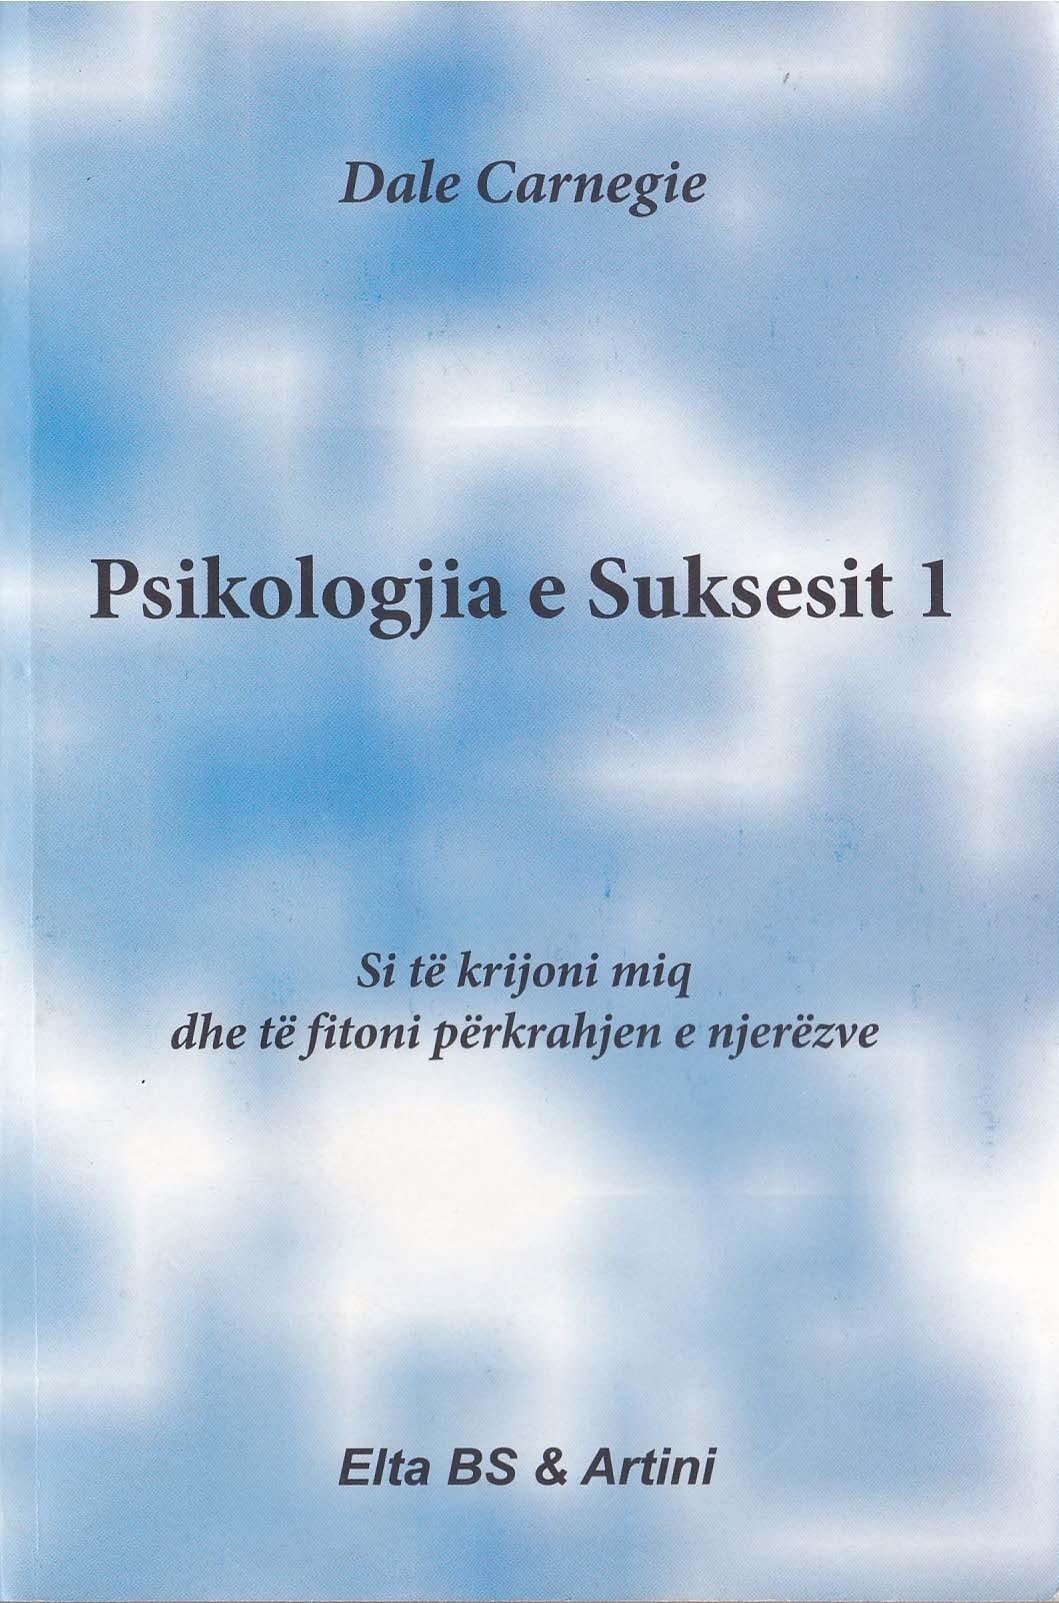 Psikologjia e Suksesit 1